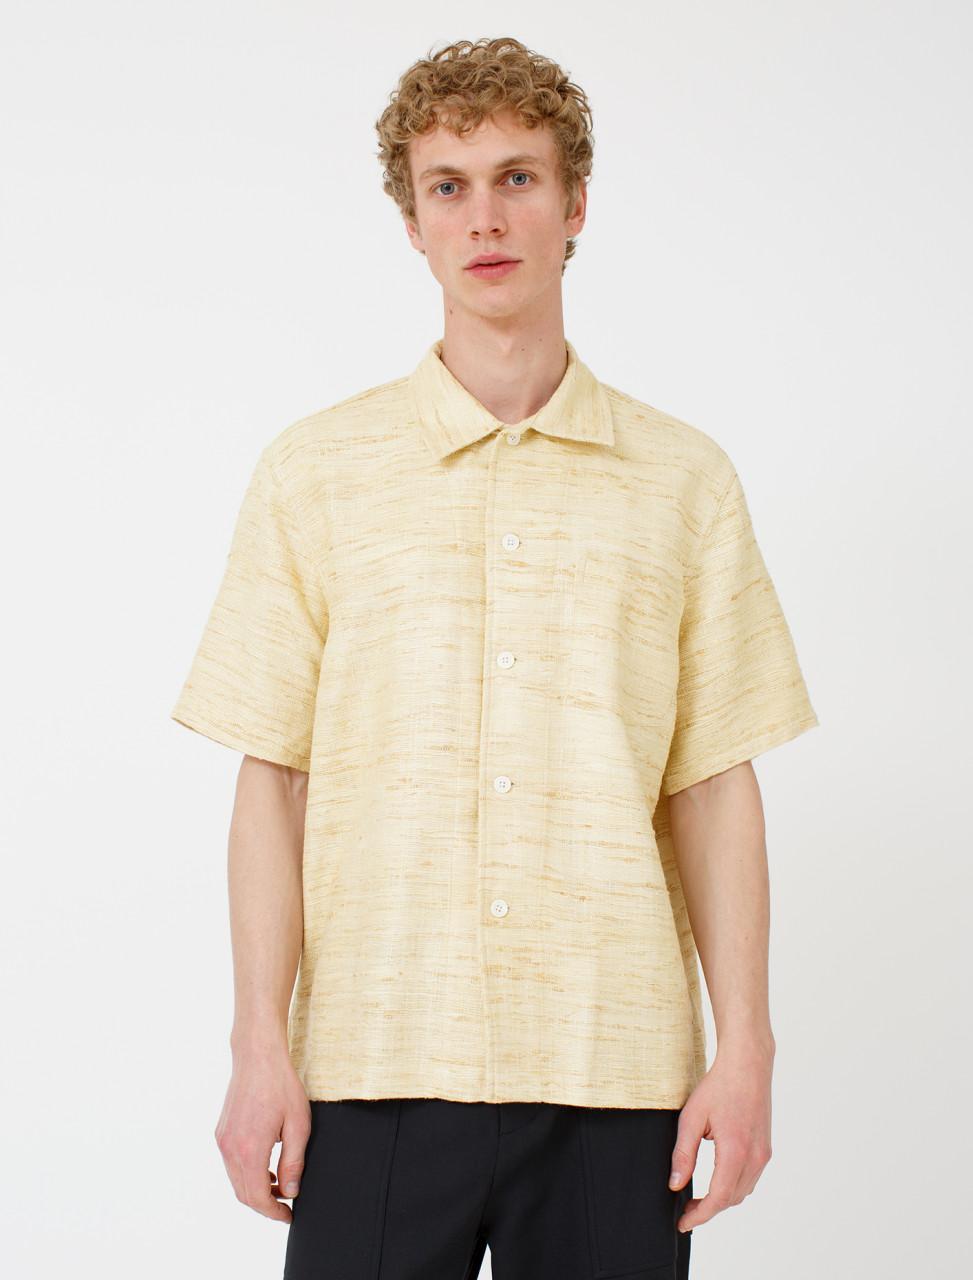 Shortsleeve Box Shirt